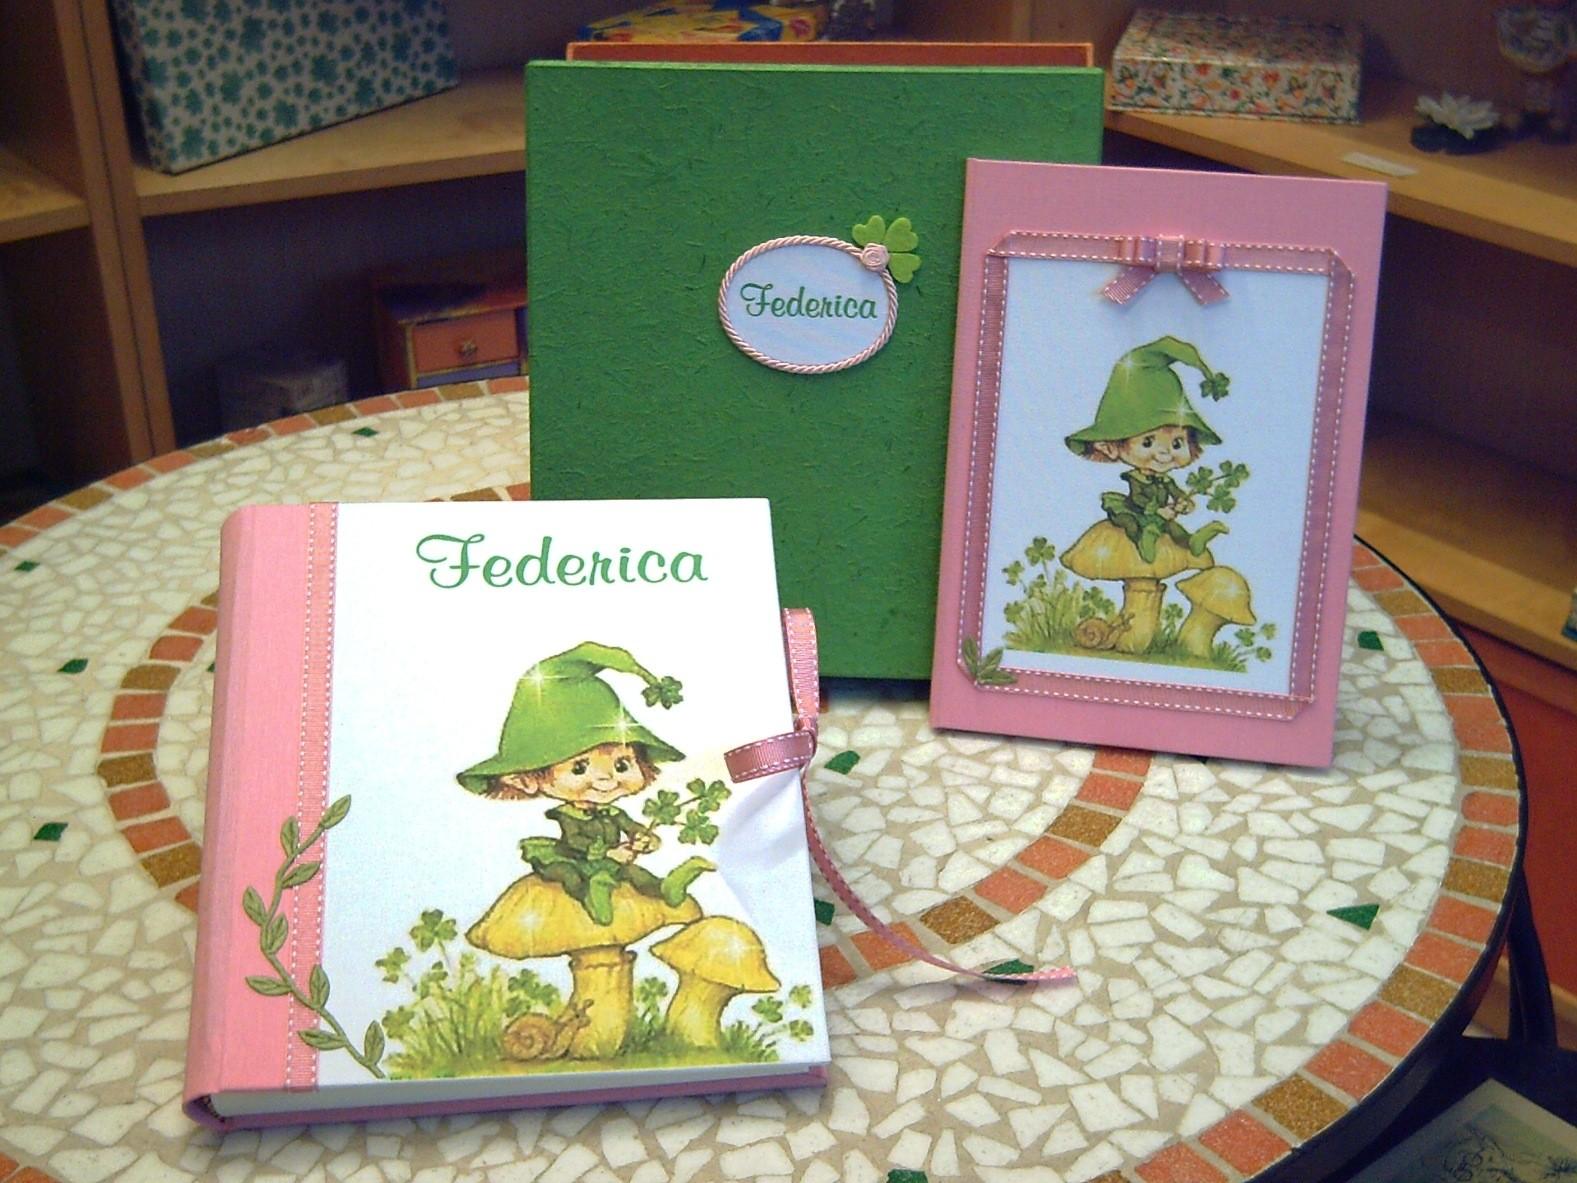 Album e quaderno coordinati, con immagine fornita dal cliente stampata sulla tela di rivestimento e scatola abbinata